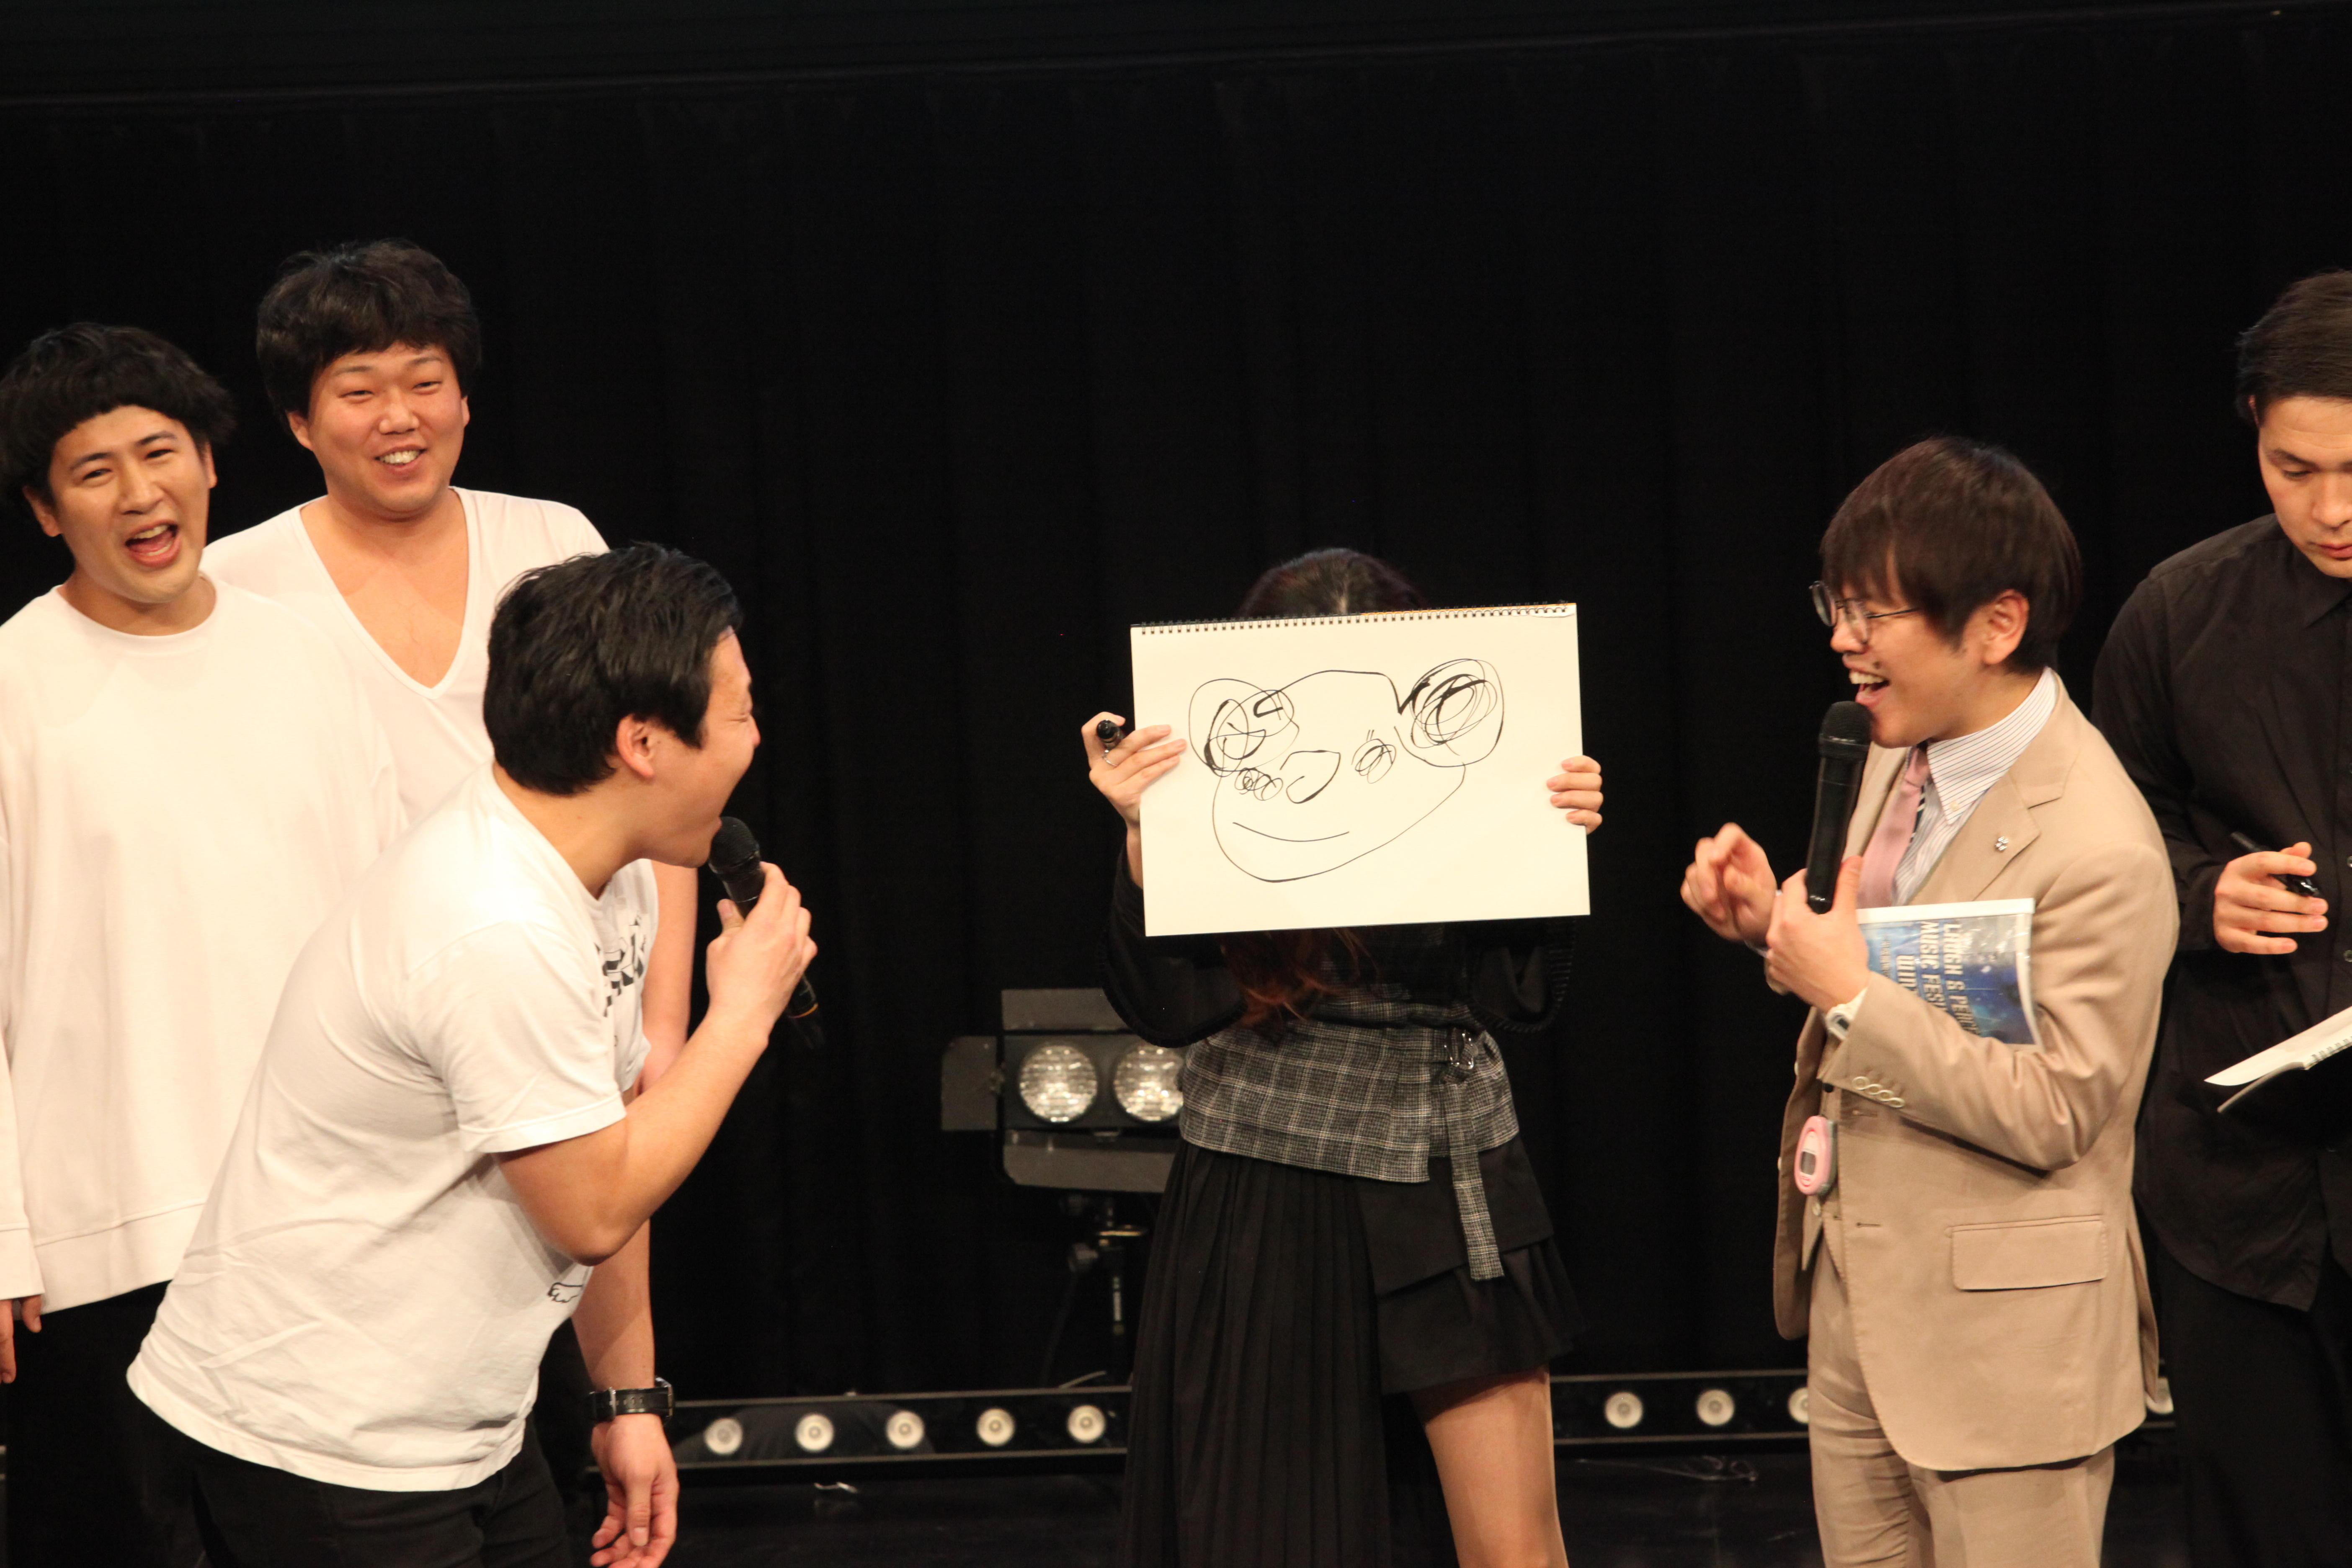 http://news.yoshimoto.co.jp/20190107132920-441999b558531f72599a732a6fec6d0eb13d14ee.jpg